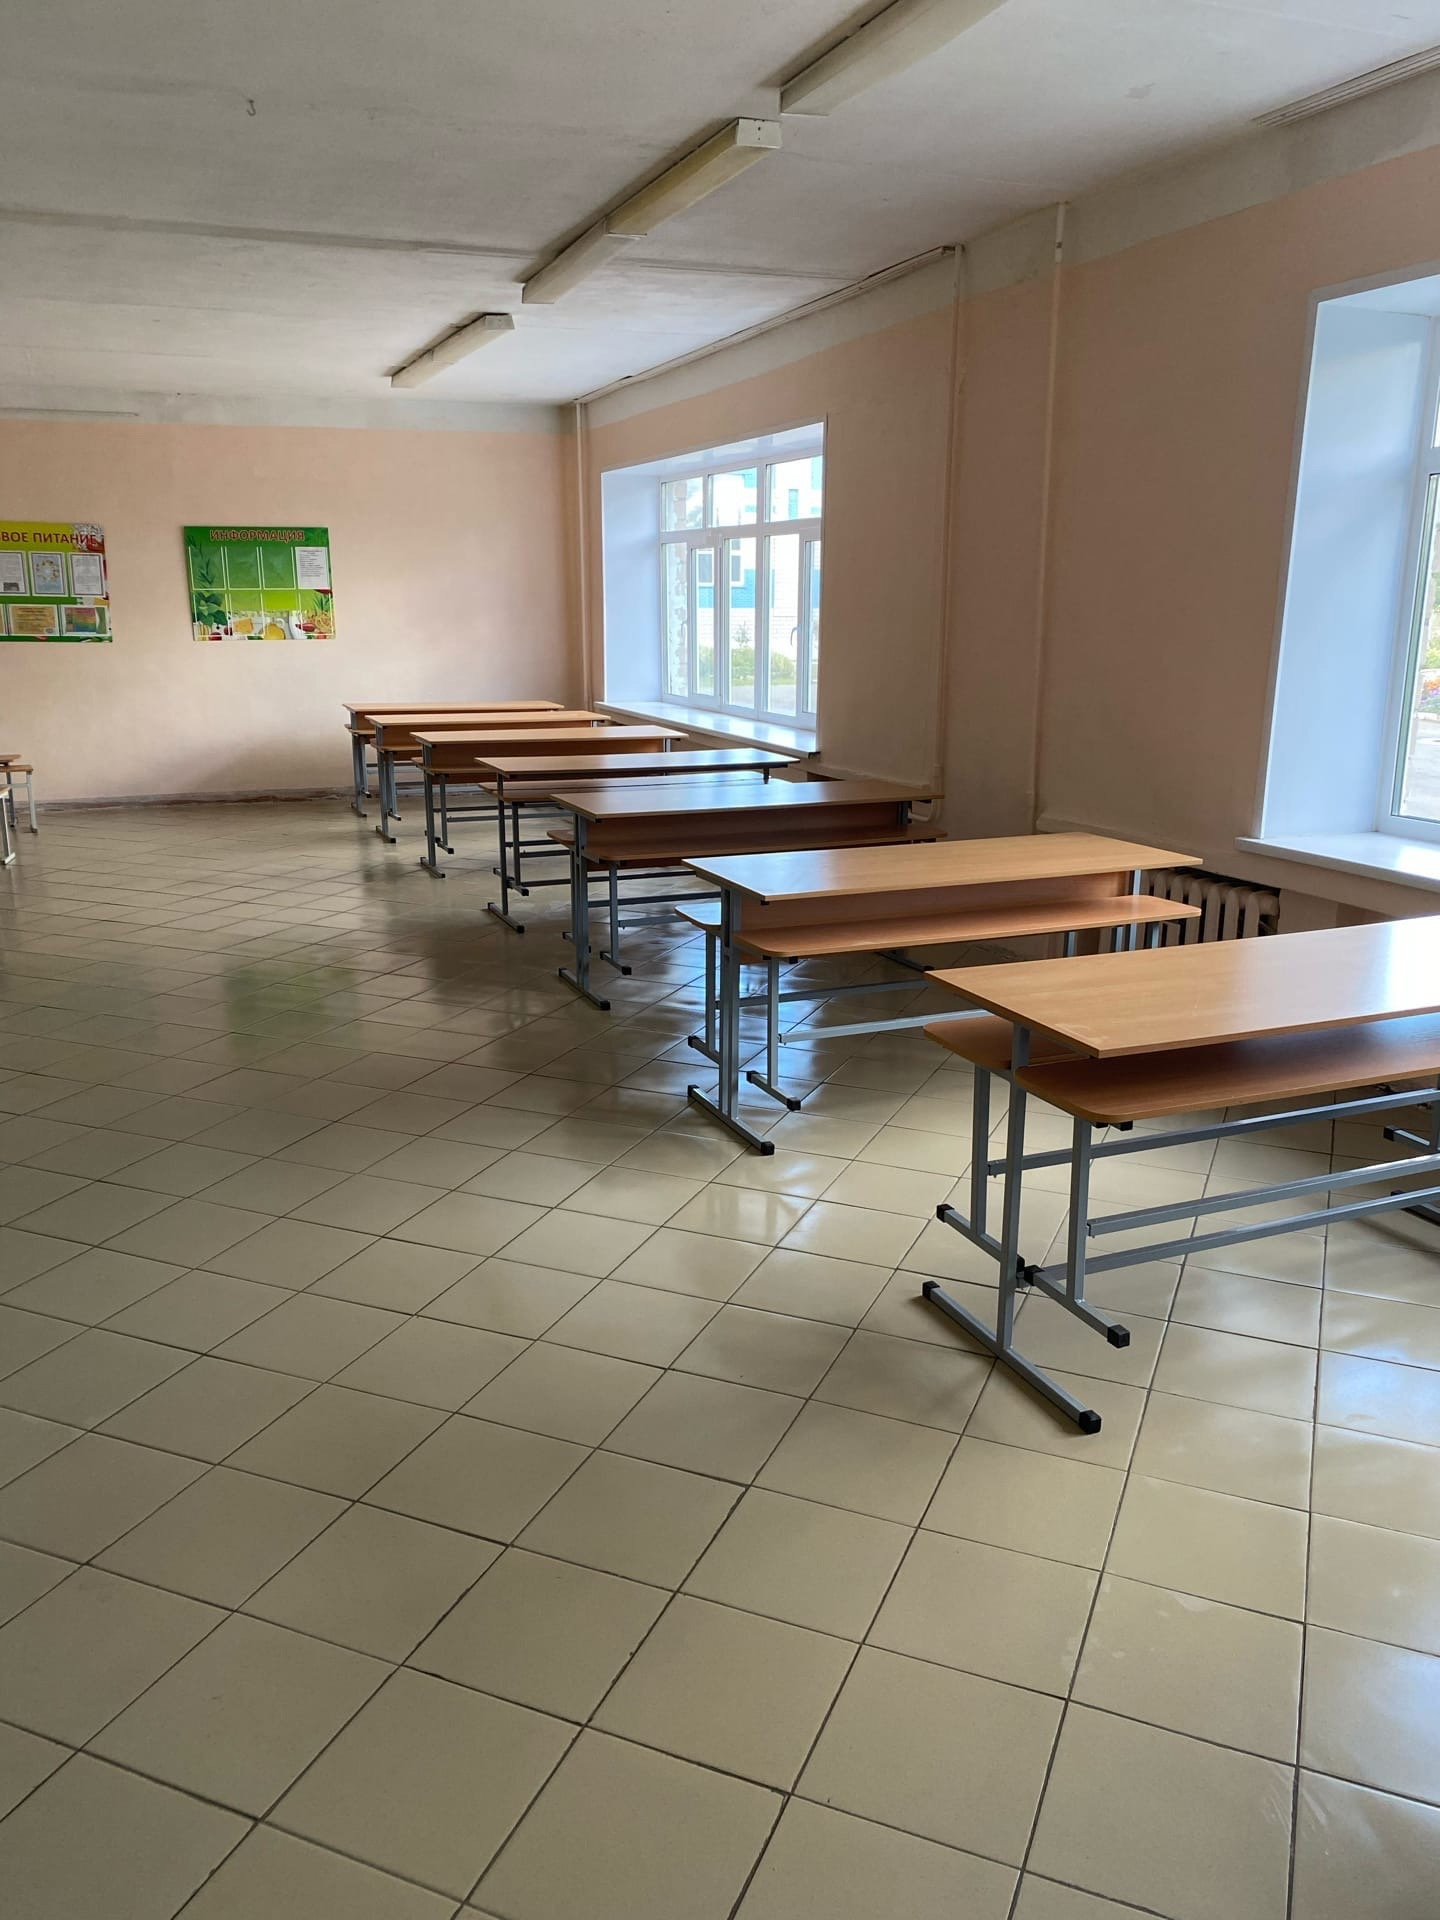 «Ученикам -каникулы, а школе -ремонт!» Ни для